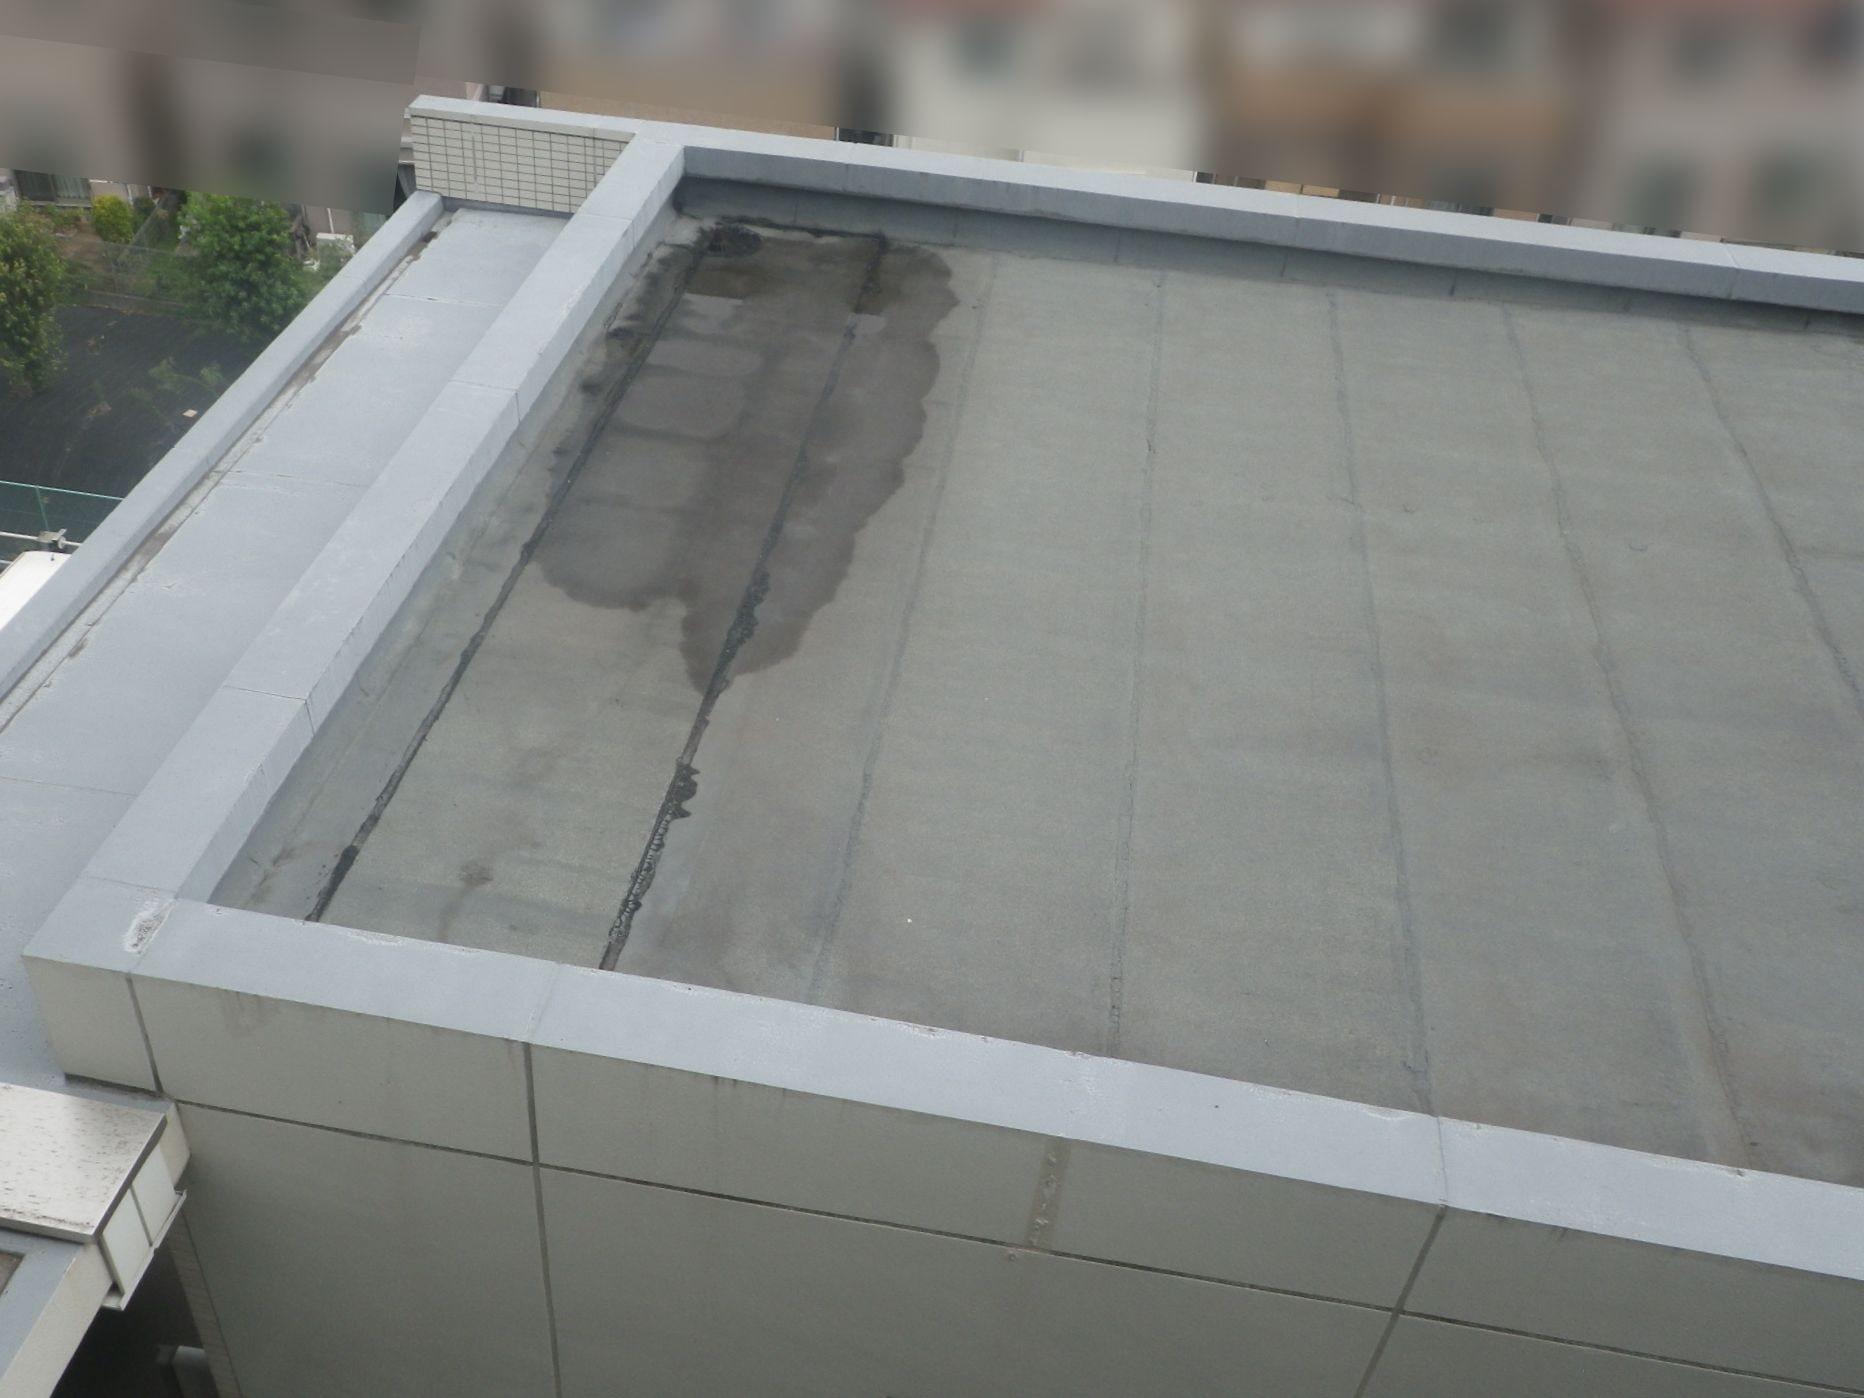 マンション屋上防水の劣化のサイン、建物への影響は?